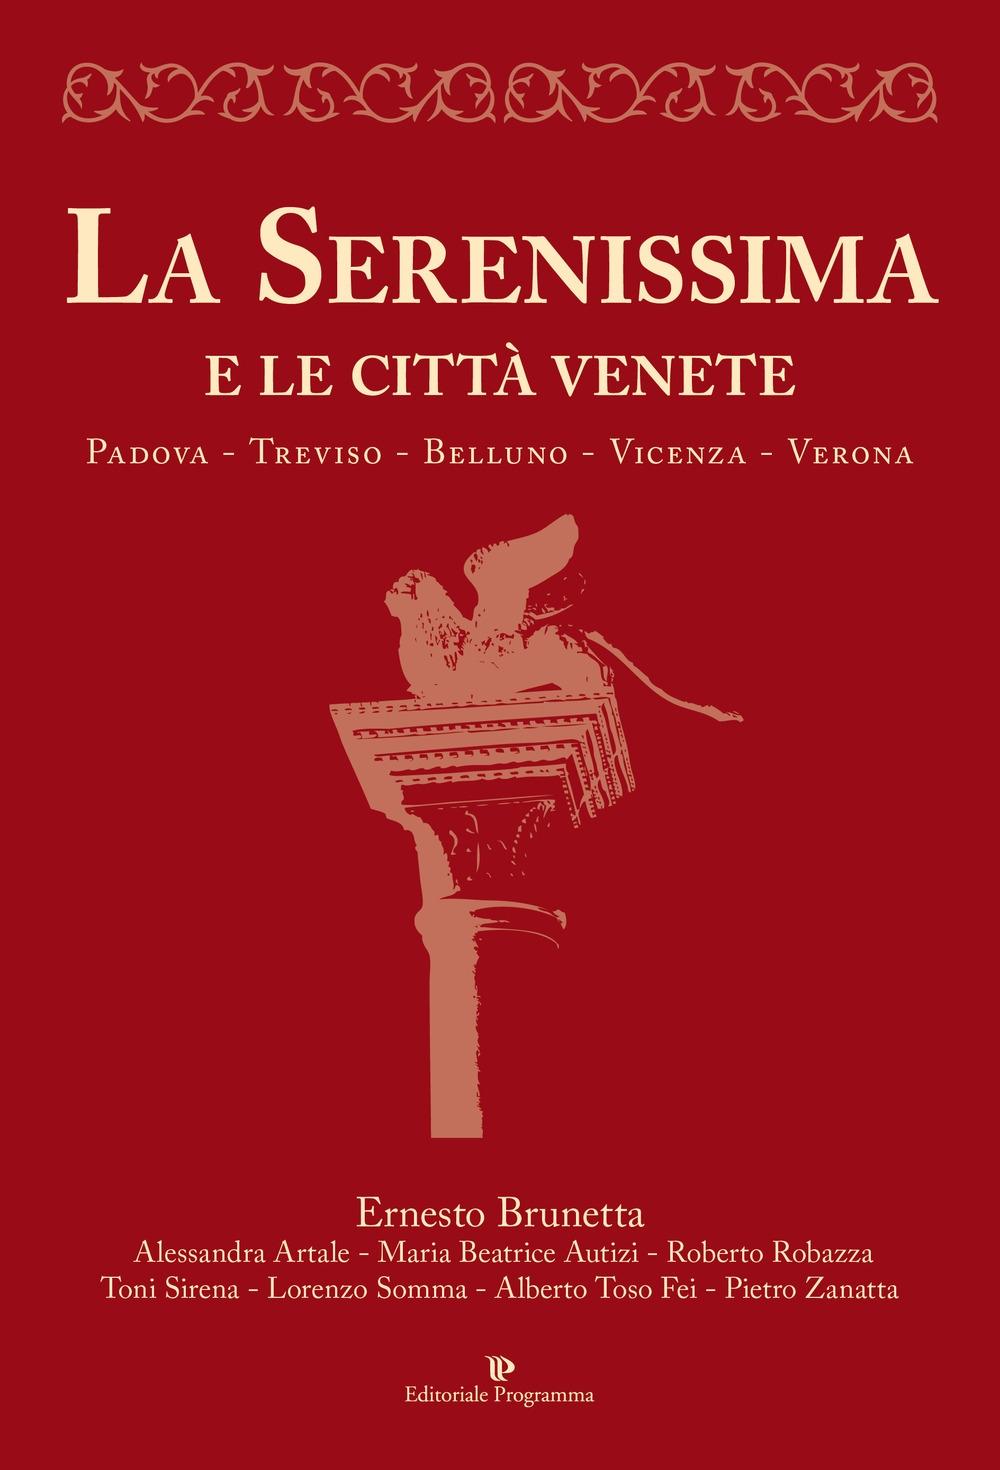 La Serenissima e le città venete. Padova, Treviso, Belluno, Vicenza, Verona - Ernesto Brunetta